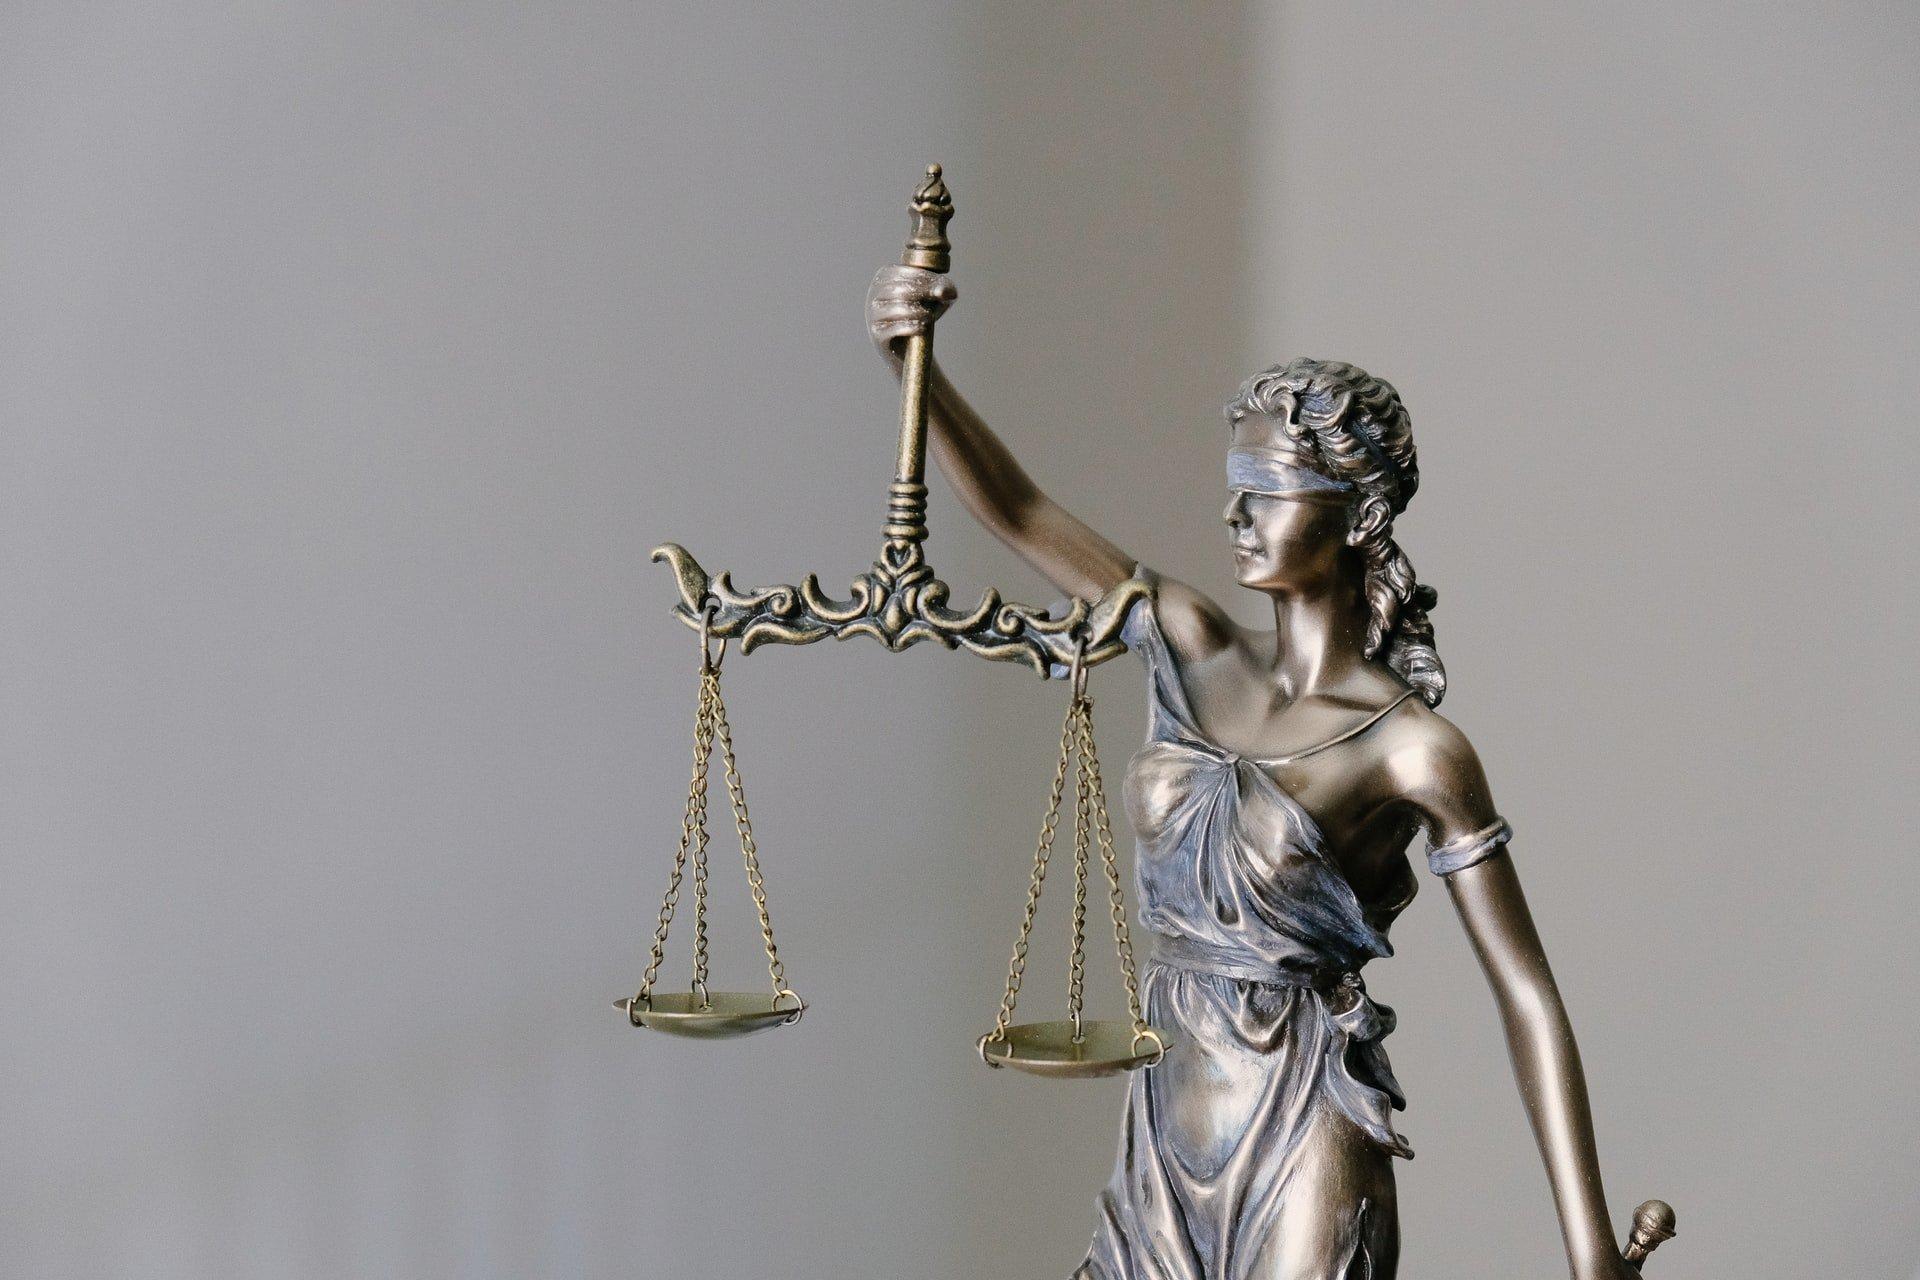 Antrag auf Erlass einer Einstweiligen Verfügung gegen die BILD-Zeitung in Sachen Alassa M. beim Landgericht Hamburg eingereicht